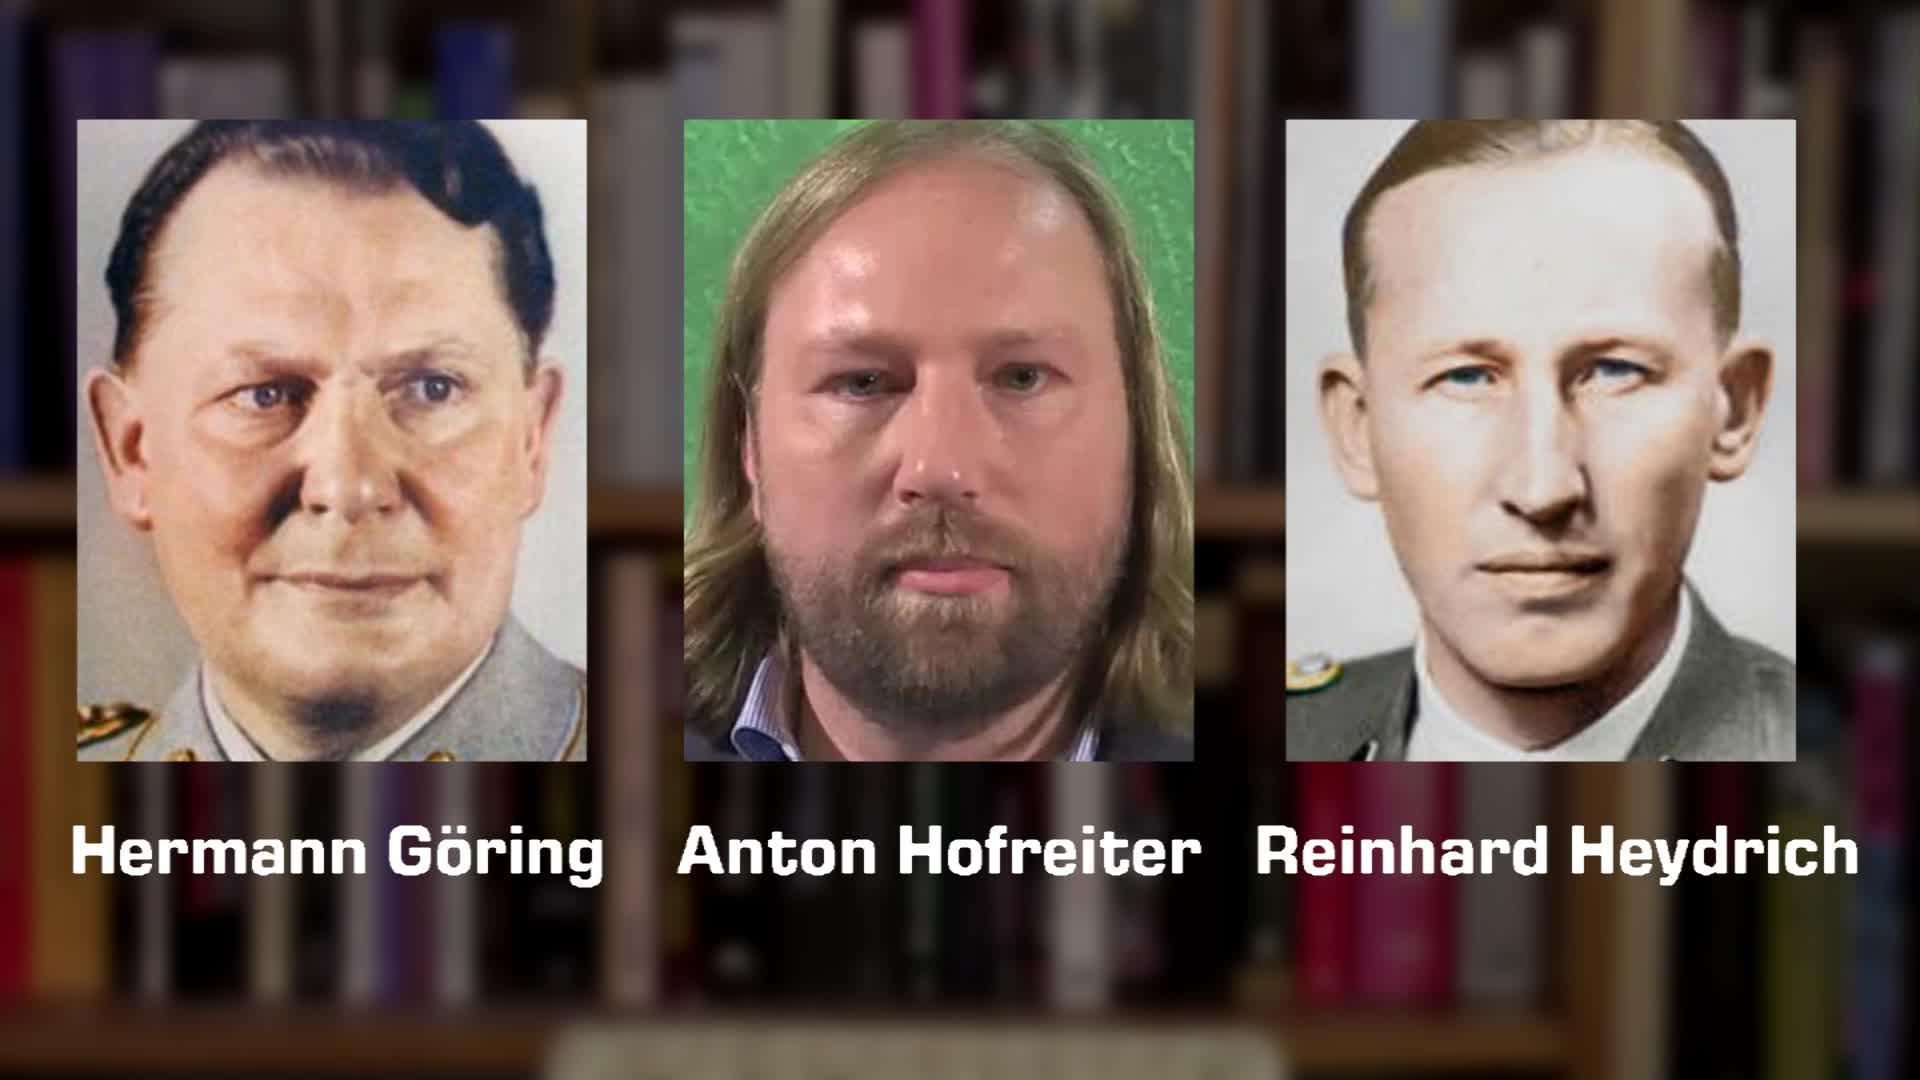 Anton Hofreiter - Hermann Göring - Reinhard Heydrich - Doubles - Doppelgänger